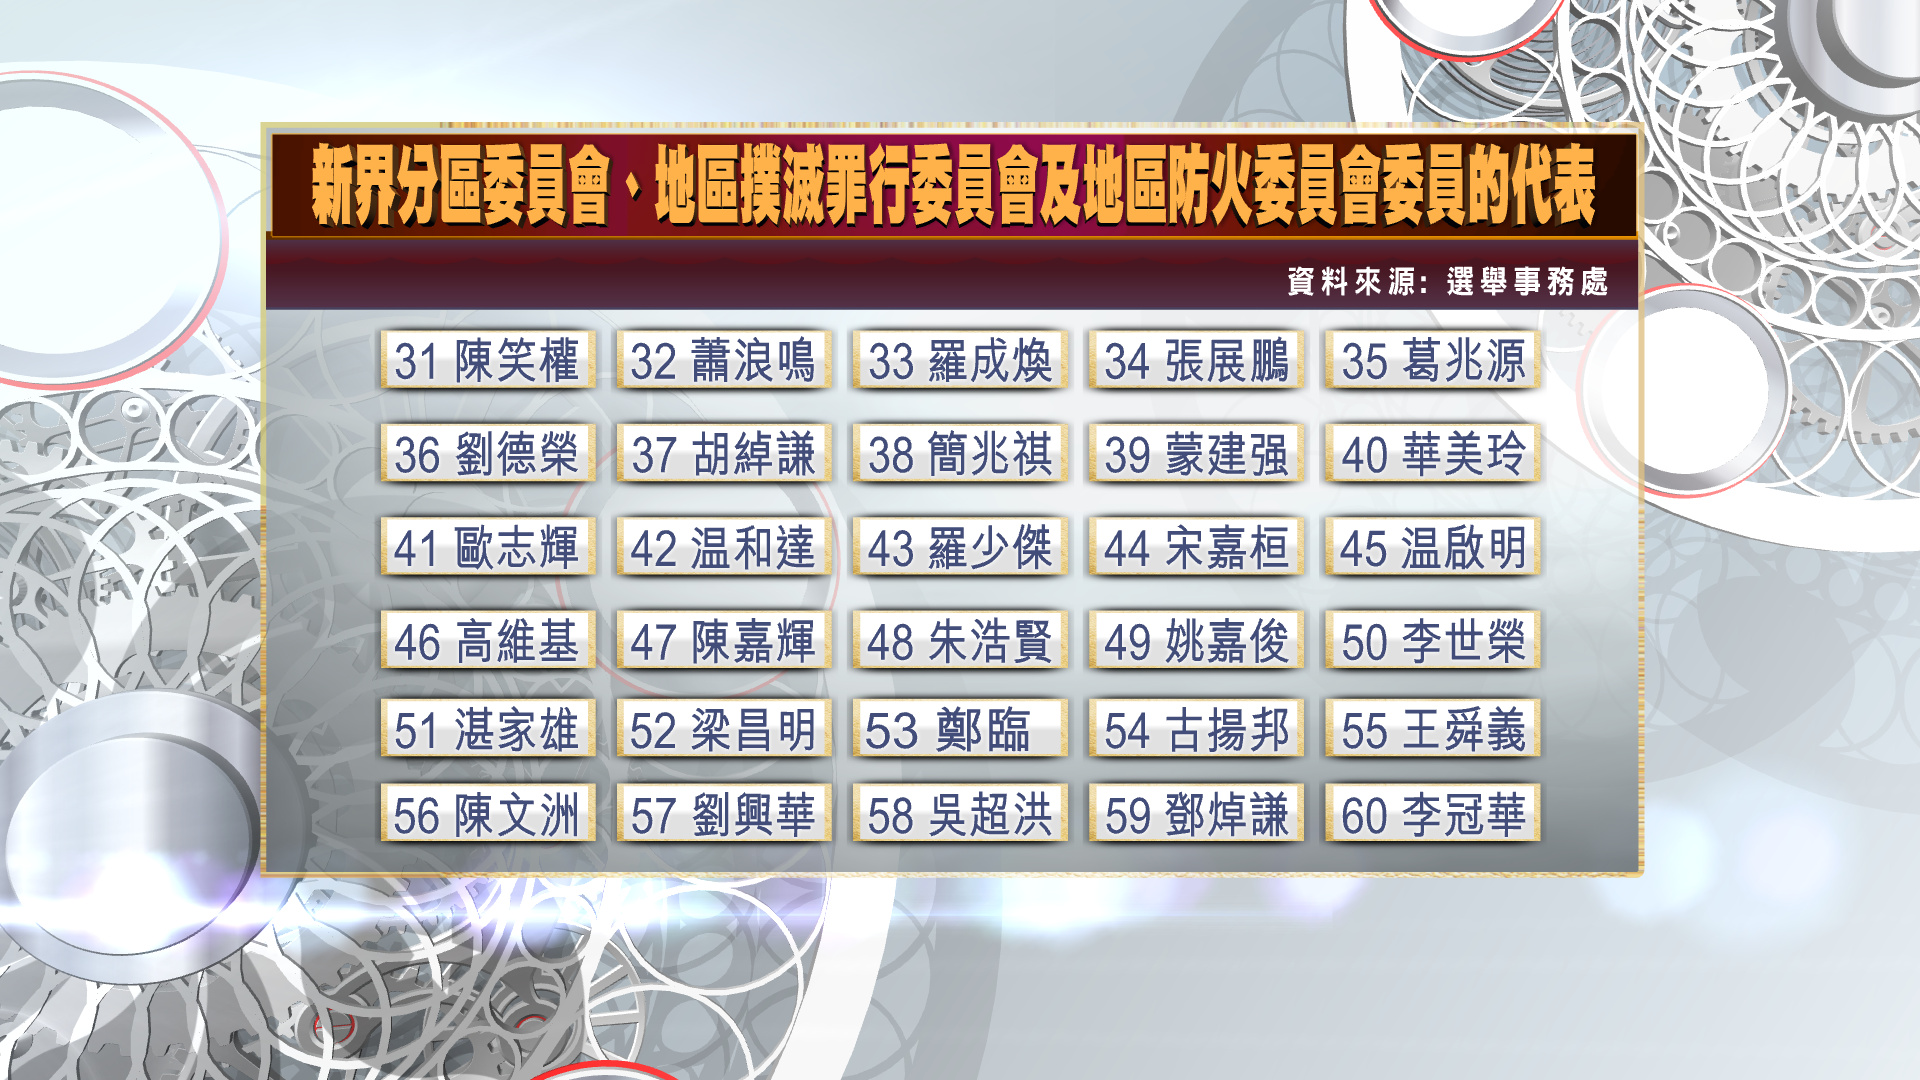 【一文睇晒】選委會選舉候選人名單